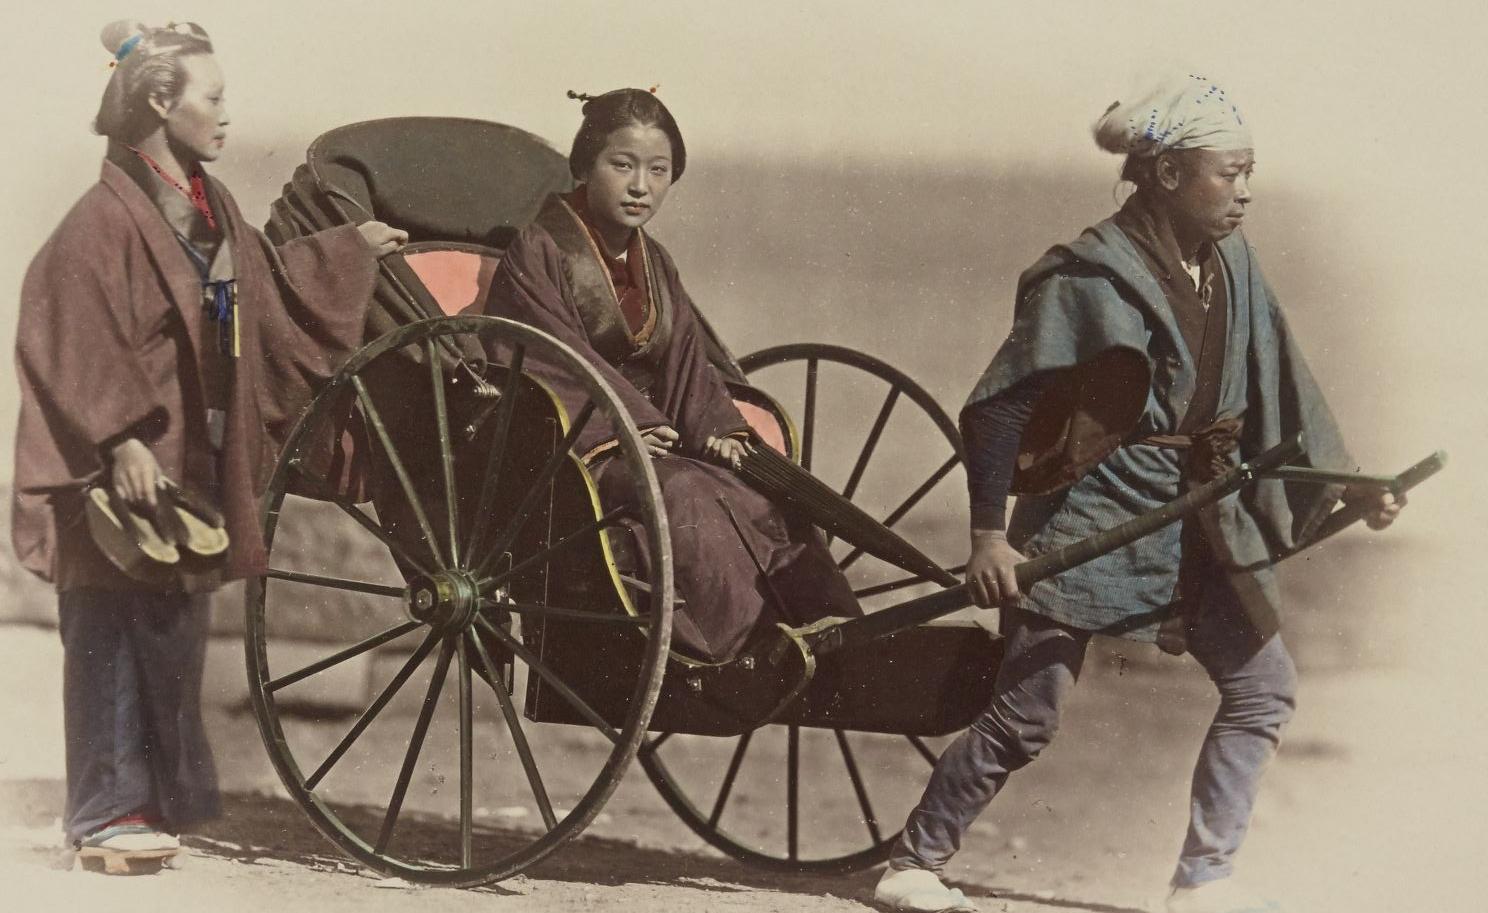 Felice Beato, photographe. Japonais / [réalisé par Stillfried & Andersen] ; [d'après des négatifs de Raimund von Stillfried, Felice Beato et autres photographes.1877-1878.